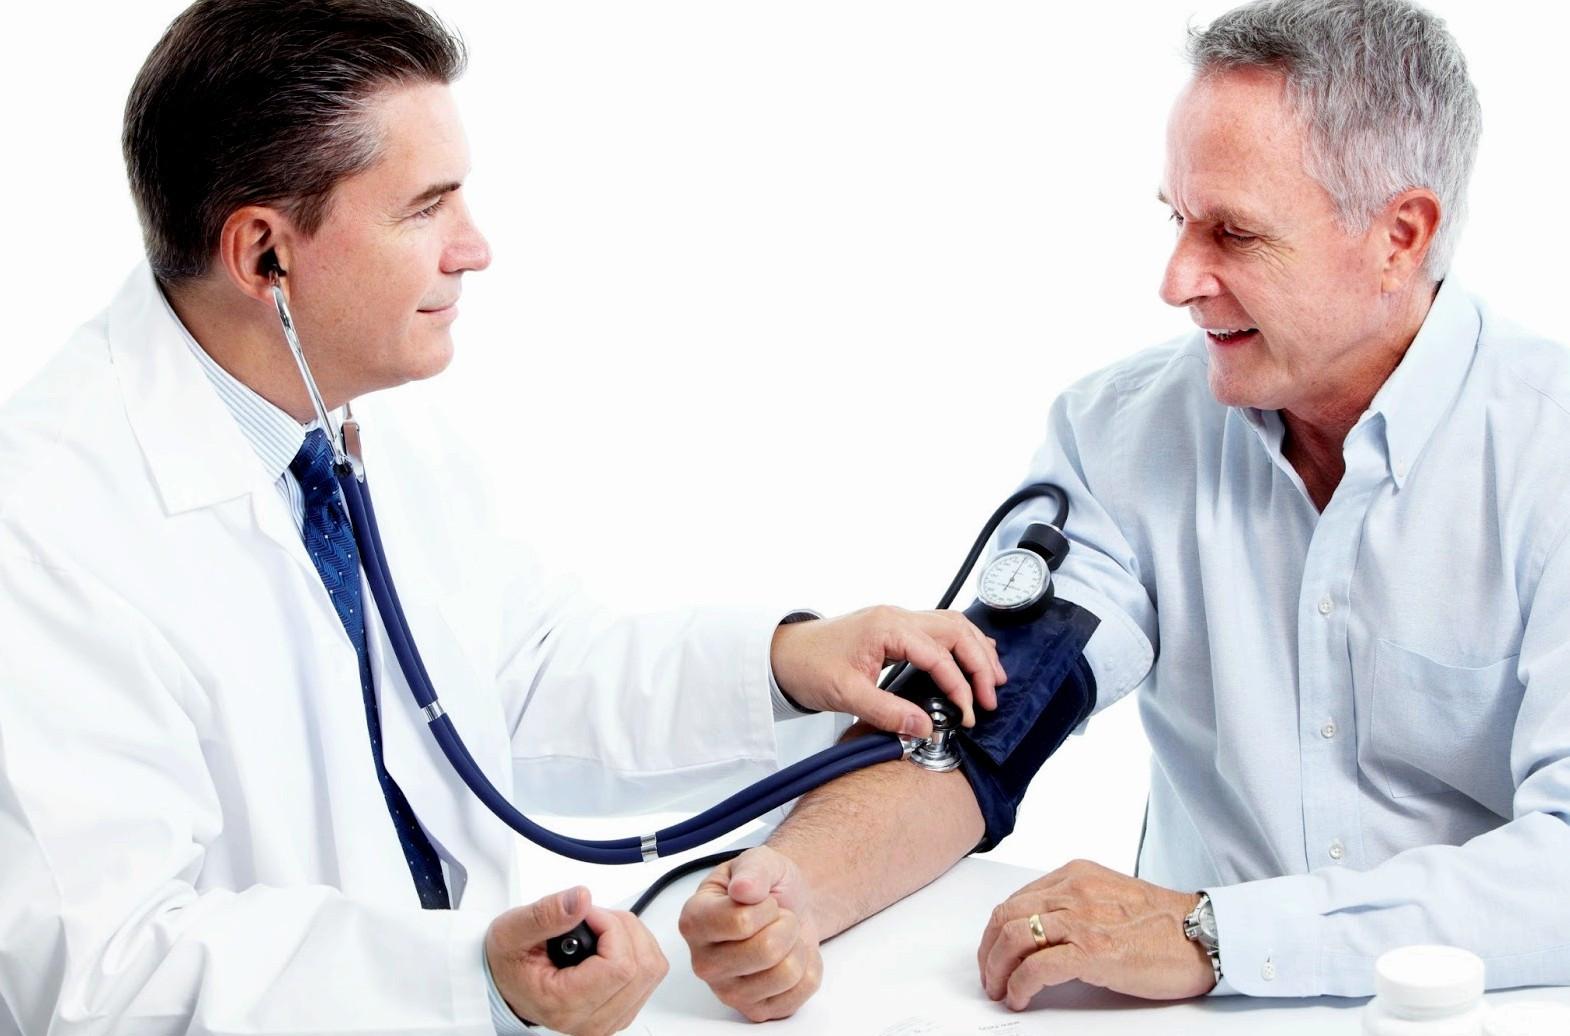 Изображение - 80 70 артериального давления 3-12